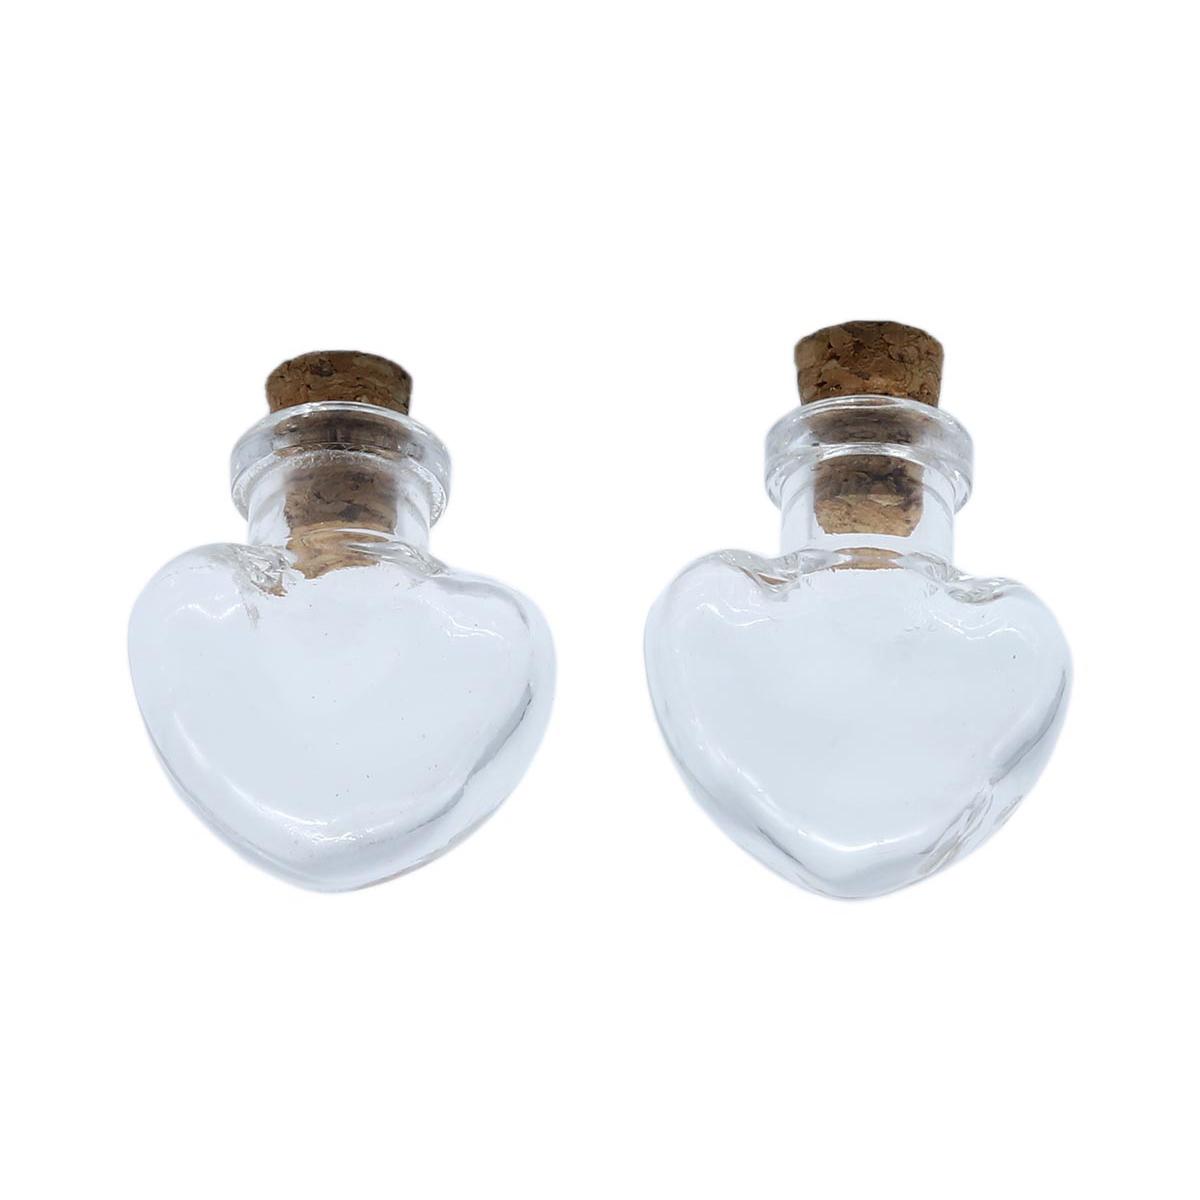 Стеклянная бутылочка с пробкой 'Сердце', 5шт/упак